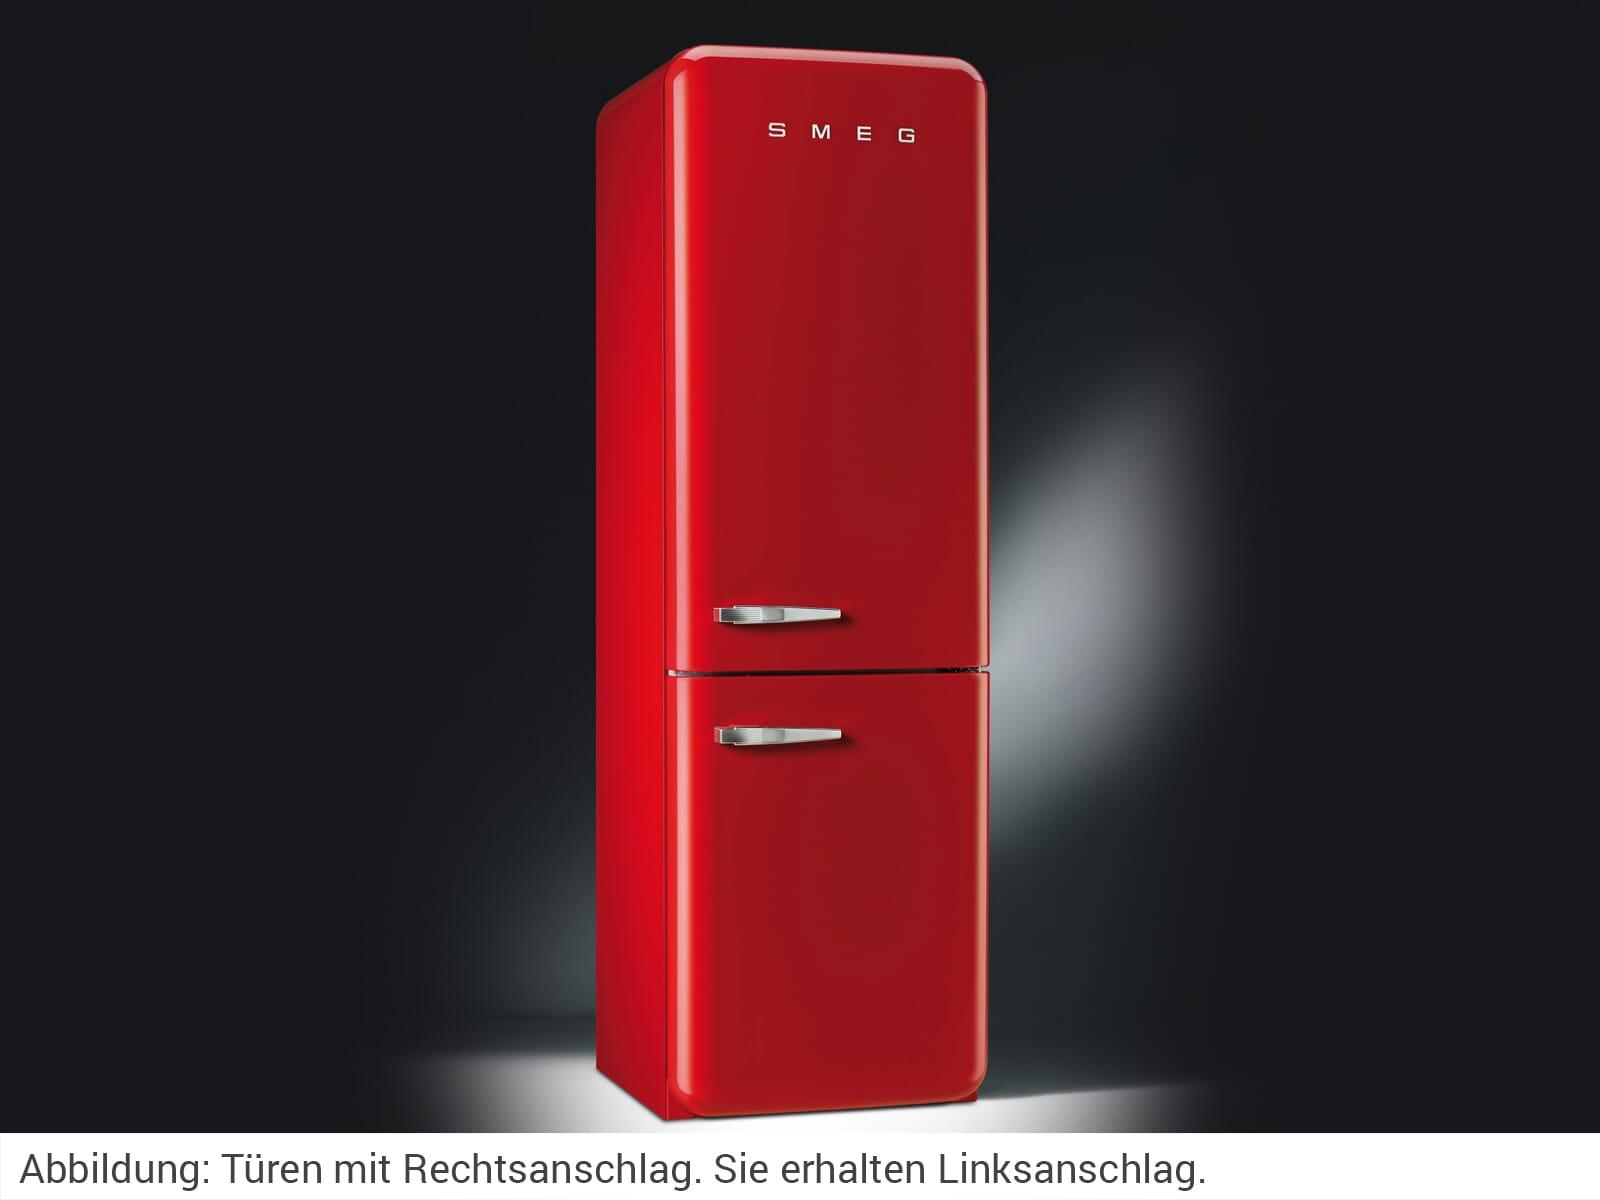 Smeg Kühlschrank Rot : Smeg fab lrd kühl gefrierkombination rot